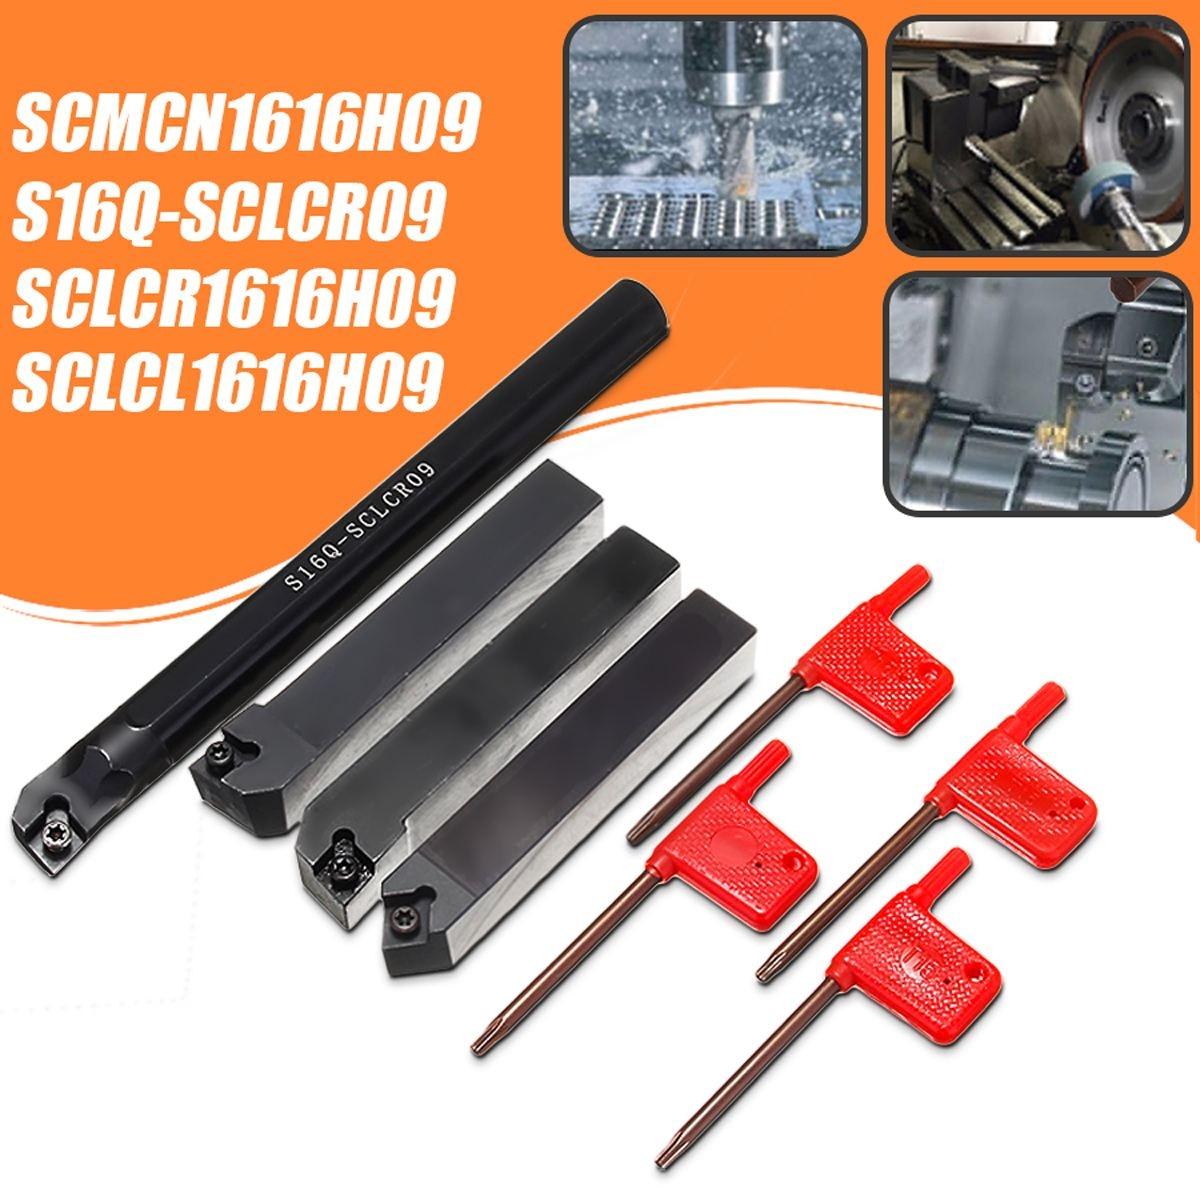 4 компл. 16 мм SCLCR Токарные станки Расточные Инструменты держатель борштанги + 4 шт. T15 ключи s16q-sclcr09/sclcr1616h09/sclcl1616h09/ scmcn1616h09